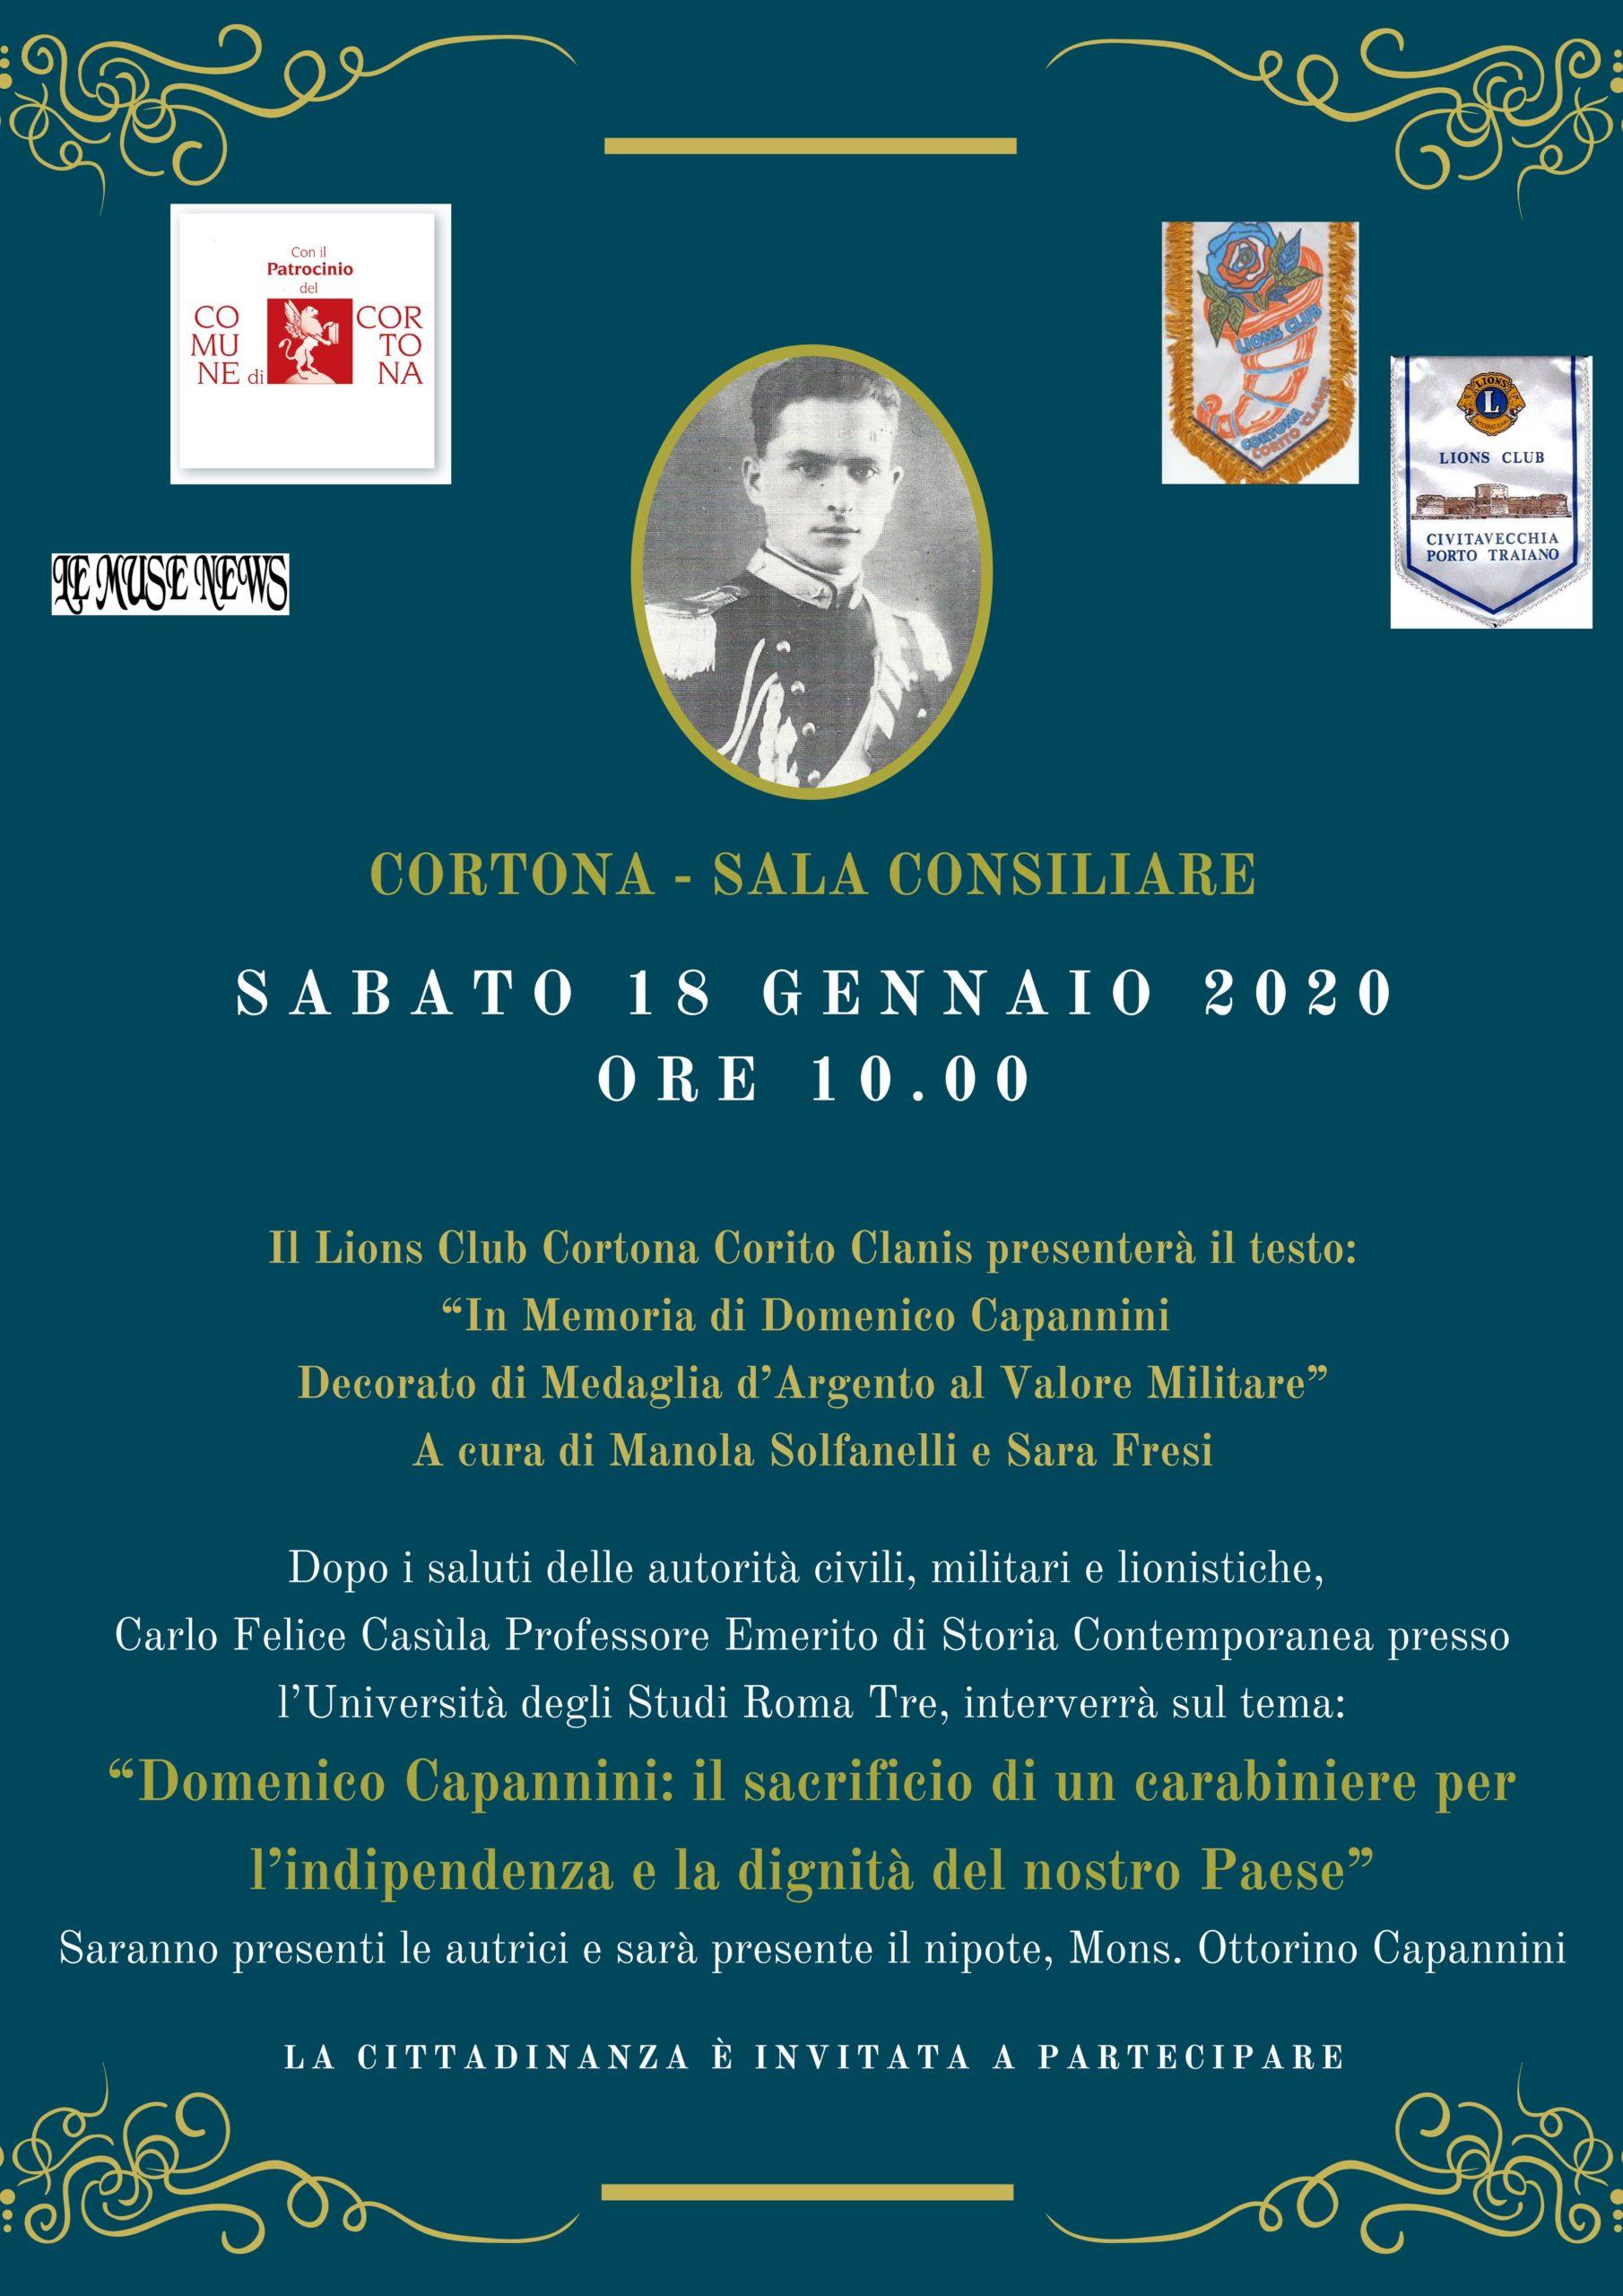 Cortona rende omaggio a Domenico Capannini